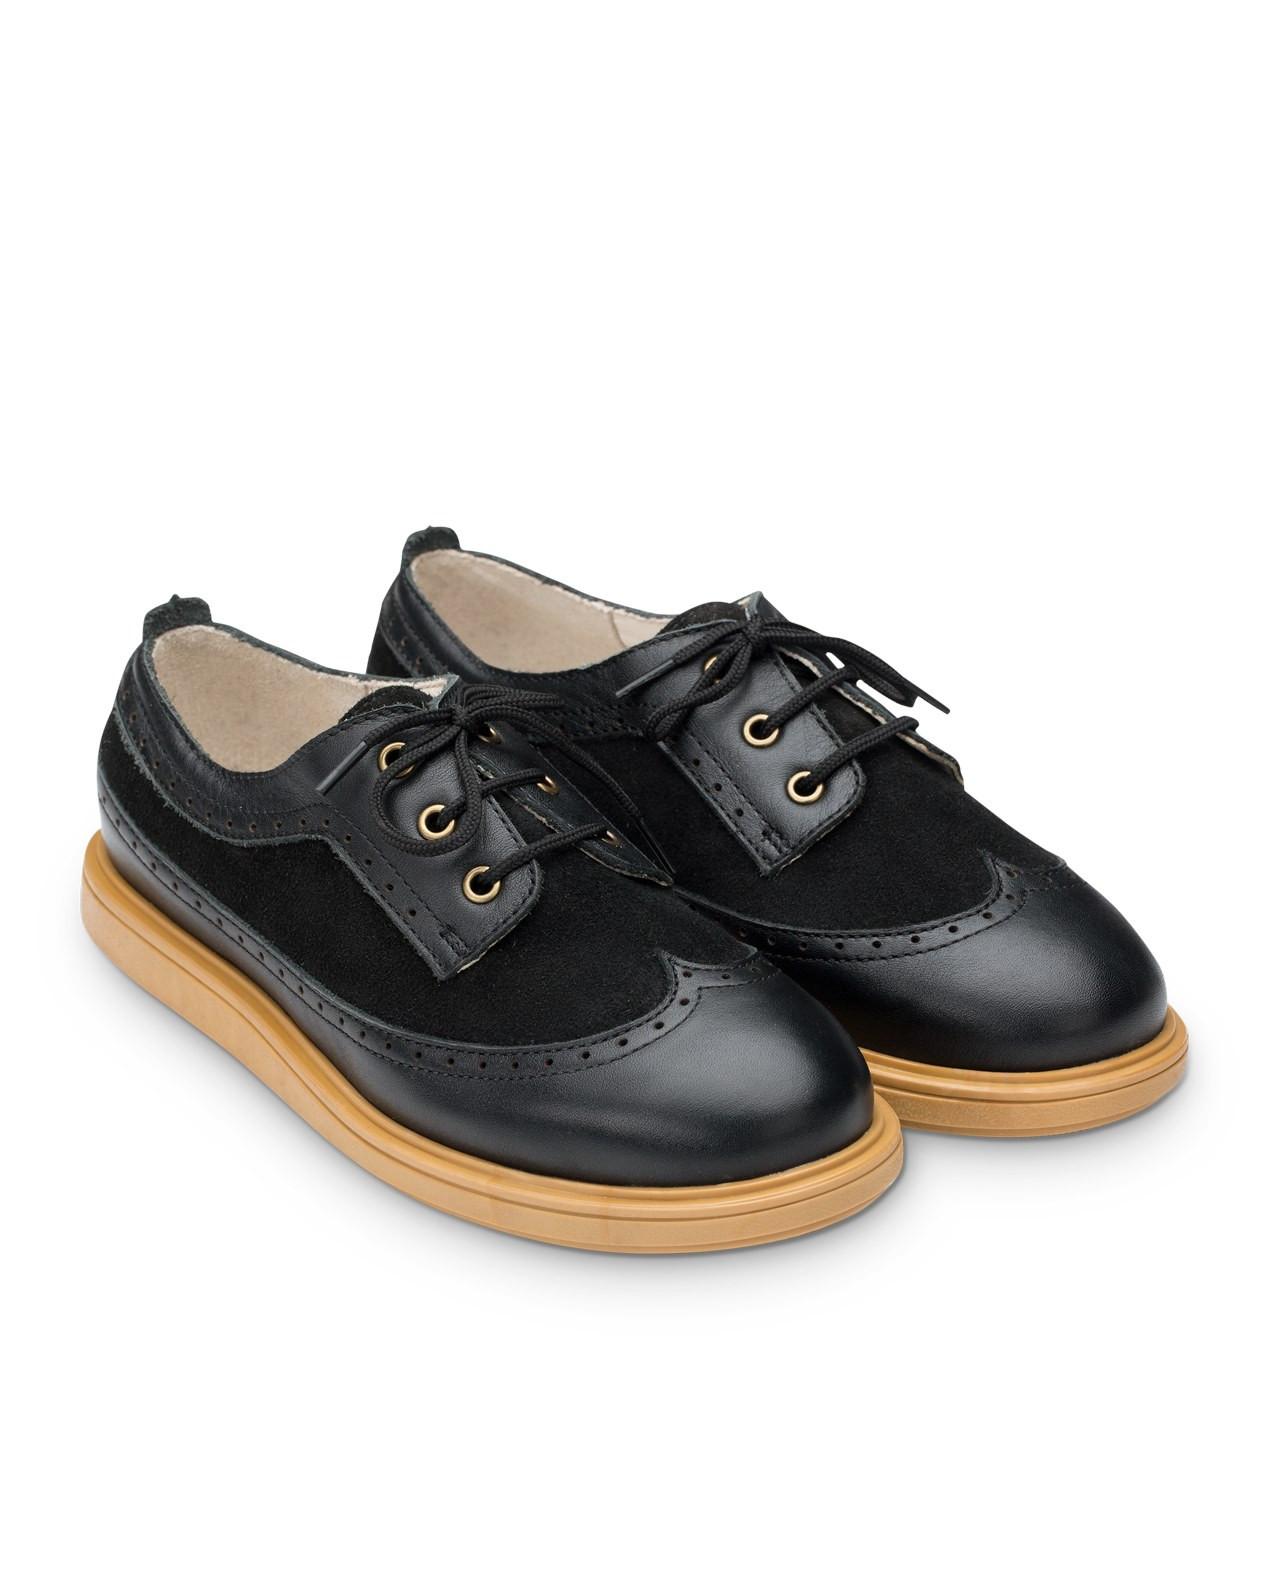 Полуботинки Детские, Tapiboo Степ (44458, 32 )Обувь для школы<br>Классические полуботинки для ежедневной <br>профилактики плоскостопия. Многослойная, <br>анатомическая стелька со сводоподдерживающим <br>элементом для правильного формирования <br>стопы. Благодаря использованию современных <br>внутренних материалов позволяет оптимально <br>распределить нагрузку по всей площади стопы <br>и свести к минимуму ее ударную составляющую. <br>Жесткий фиксирующий задник надежно стабилизирует <br>голеностопный сустав во время ходьбы. Упругая, <br>умеренно-эластичная подошва, имеющая перекат <br>позволяющий повторить естественное движение <br>стопы при ходьбе для правильного распределения <br>нагрузки на опорно-двигательный аппарат <br>ребенка. Подкладка из натуральной кожи <br>обладает мягкостью и природной способностью <br>пропускать воздух для создания оптимального <br>температурного режима (нога не потеет).<br>Размер INT: M; Цвет: Красный; Ширина: 100; Высота: 200; Вес: 1000;